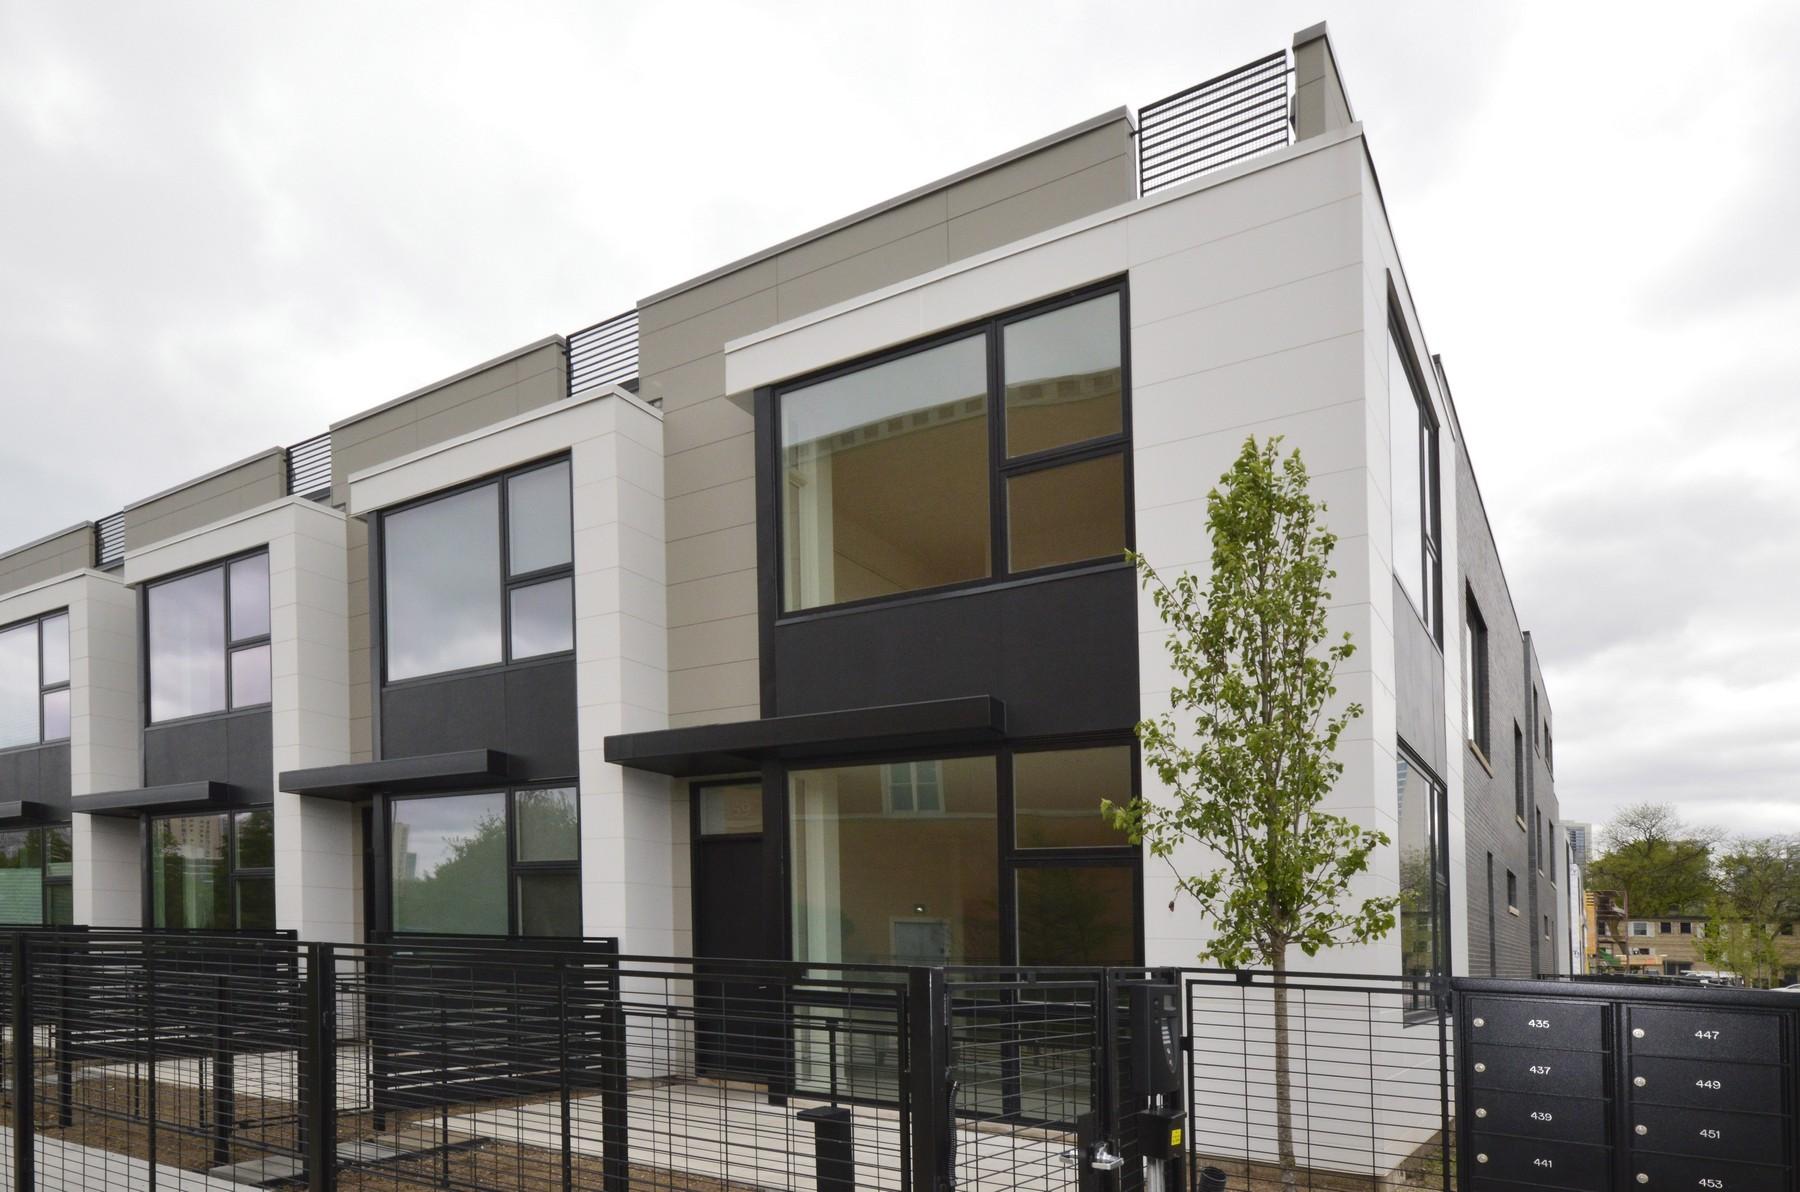 타운하우스 용 매매 에 Live Luxuriously 459 W Hobbie Street Near North Side, Chicago, 일리노이즈, 60610 미국